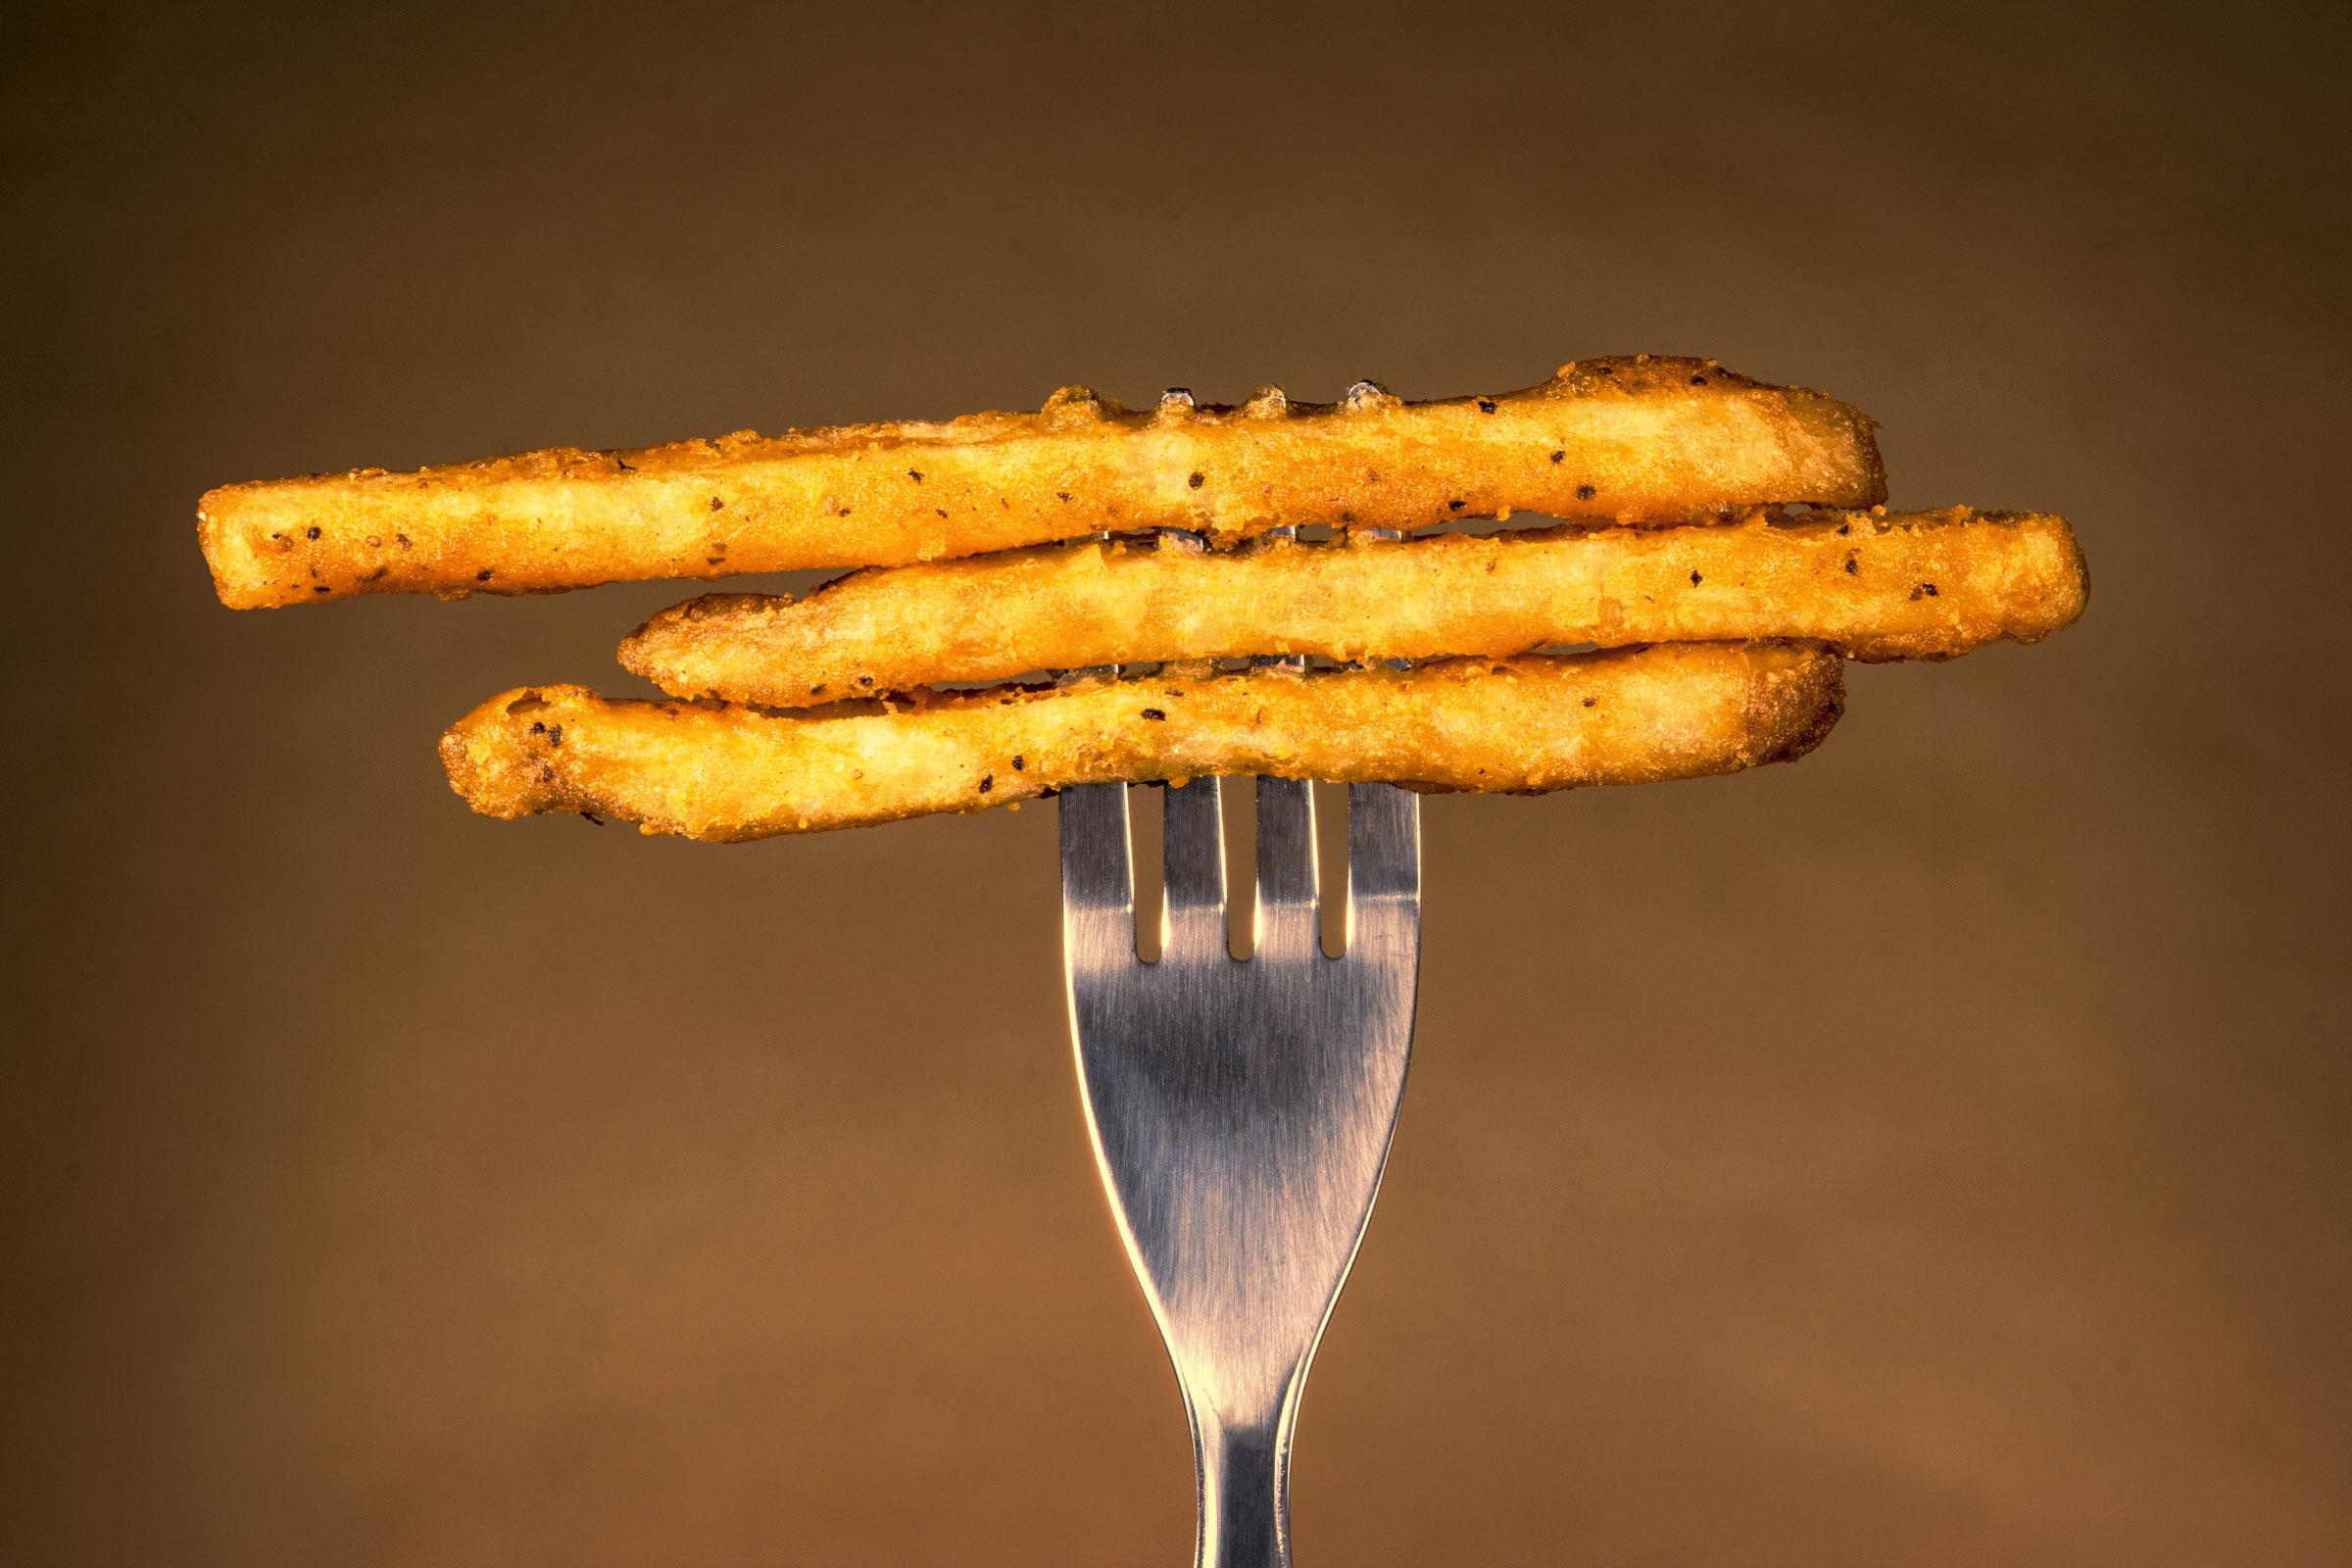 Chips on fork